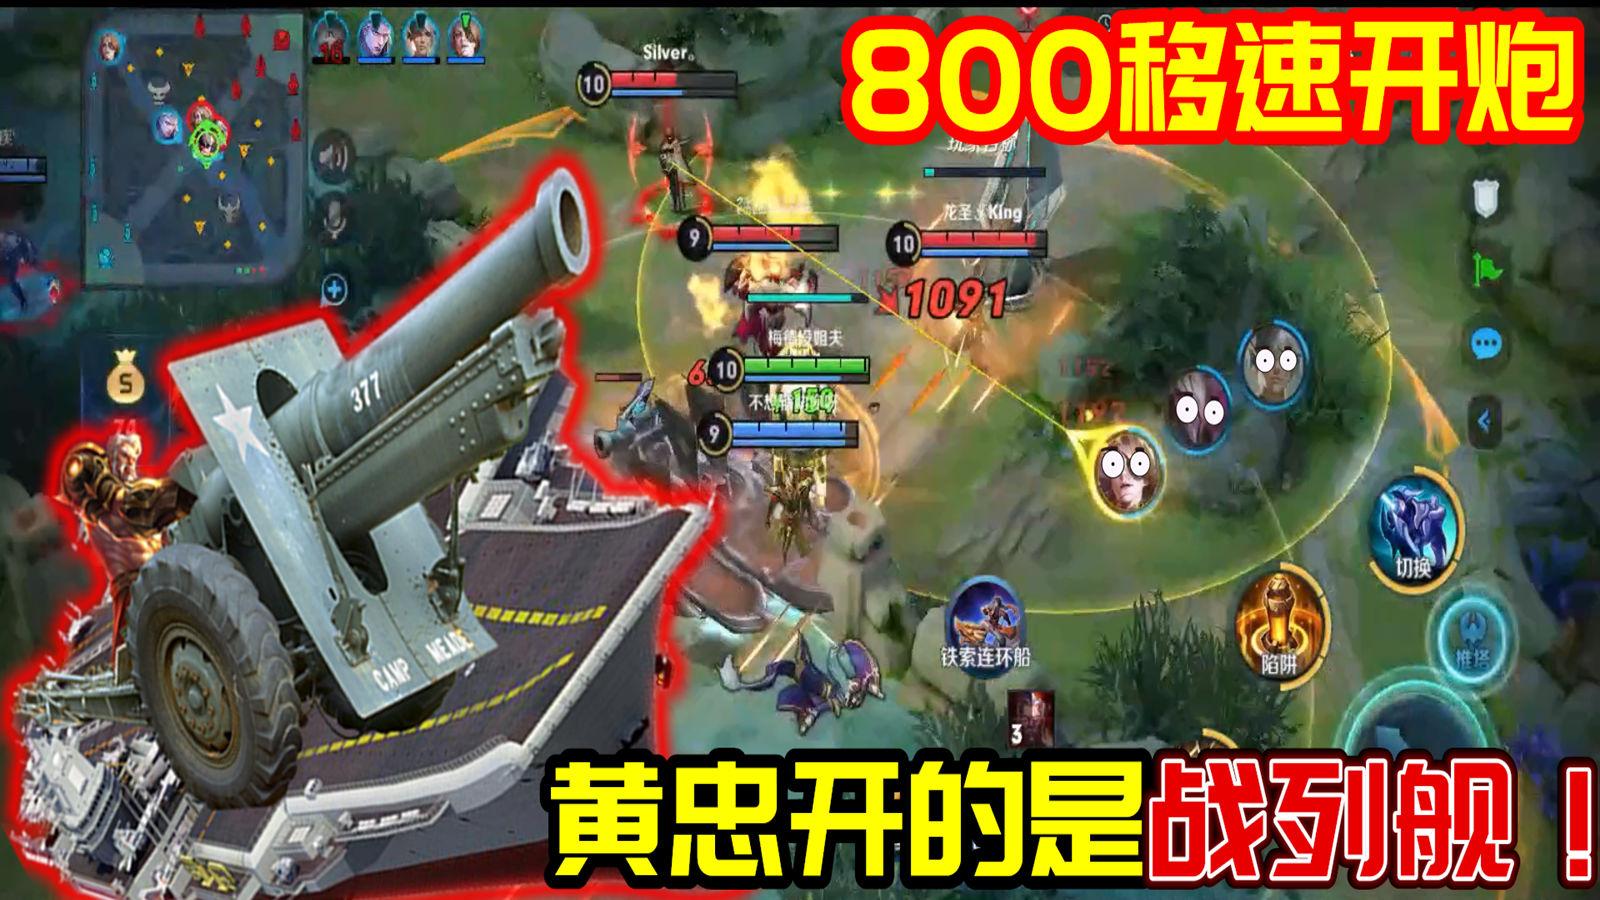 王者荣耀:当开大黄忠上了船,这是800移速的战列舰?